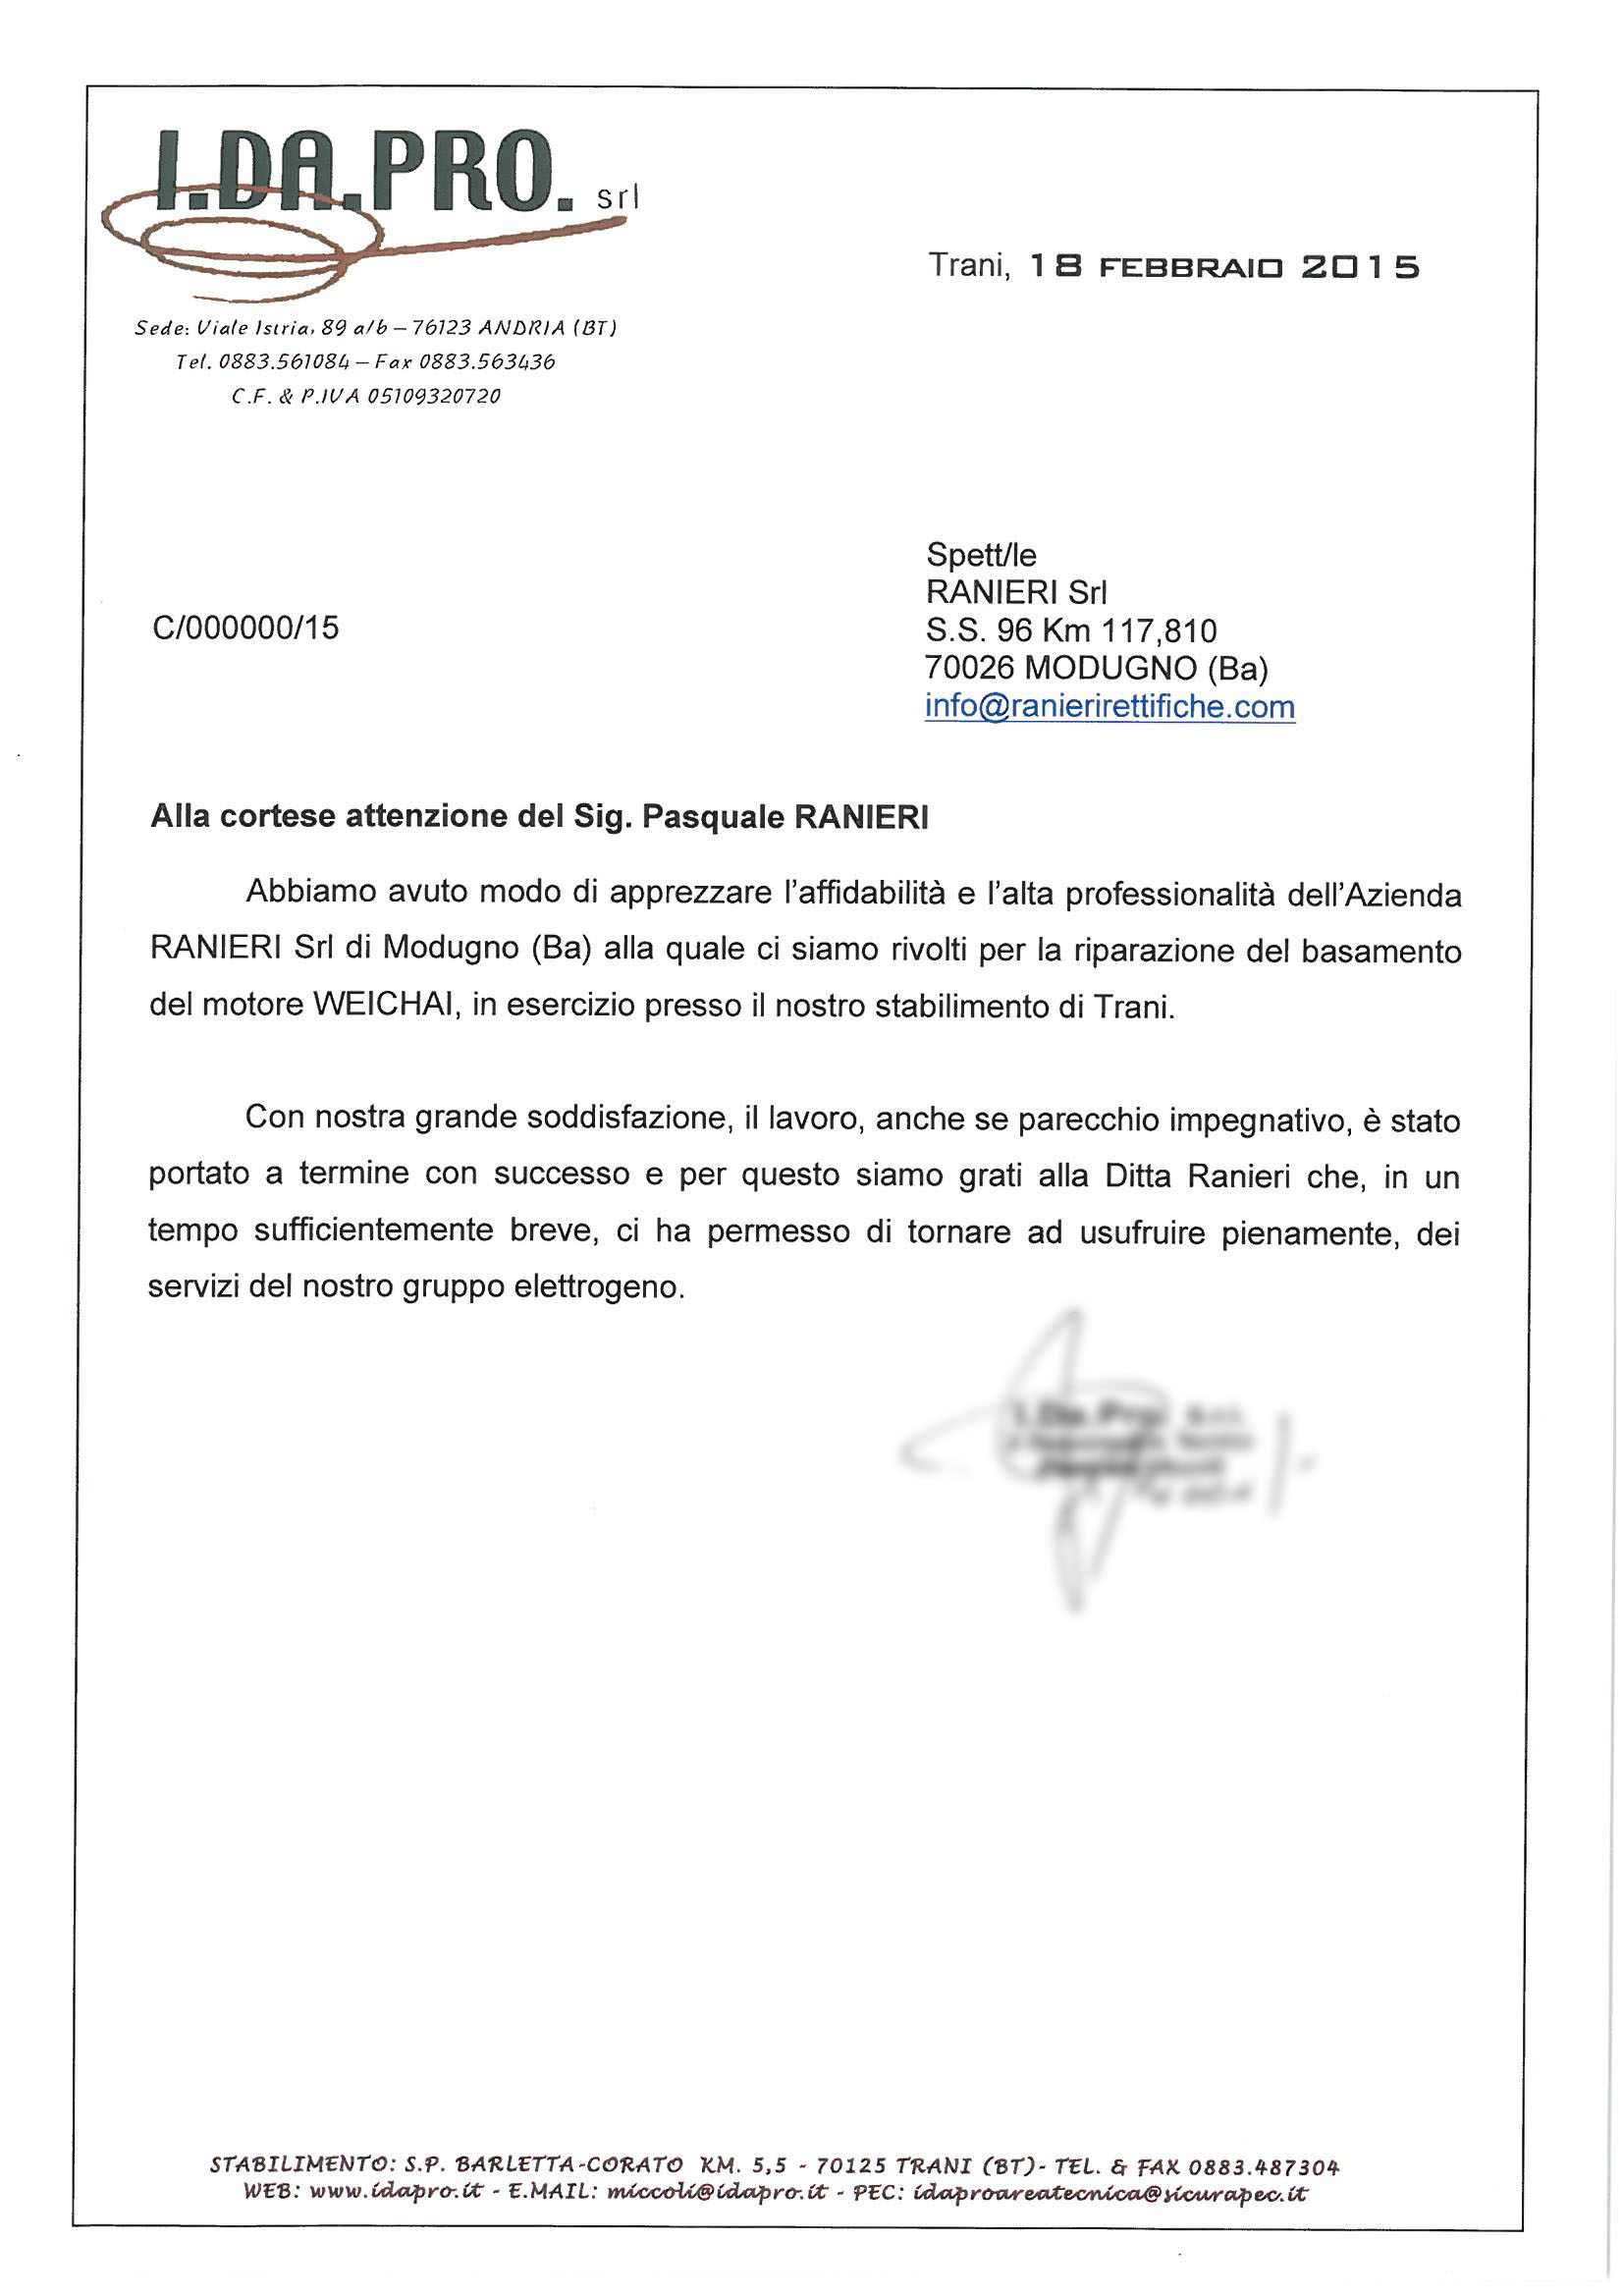 Testimonianza per Ranieri Rettifiche per la riparazione del motore diesel Weichai di un gruppo elettrogeno